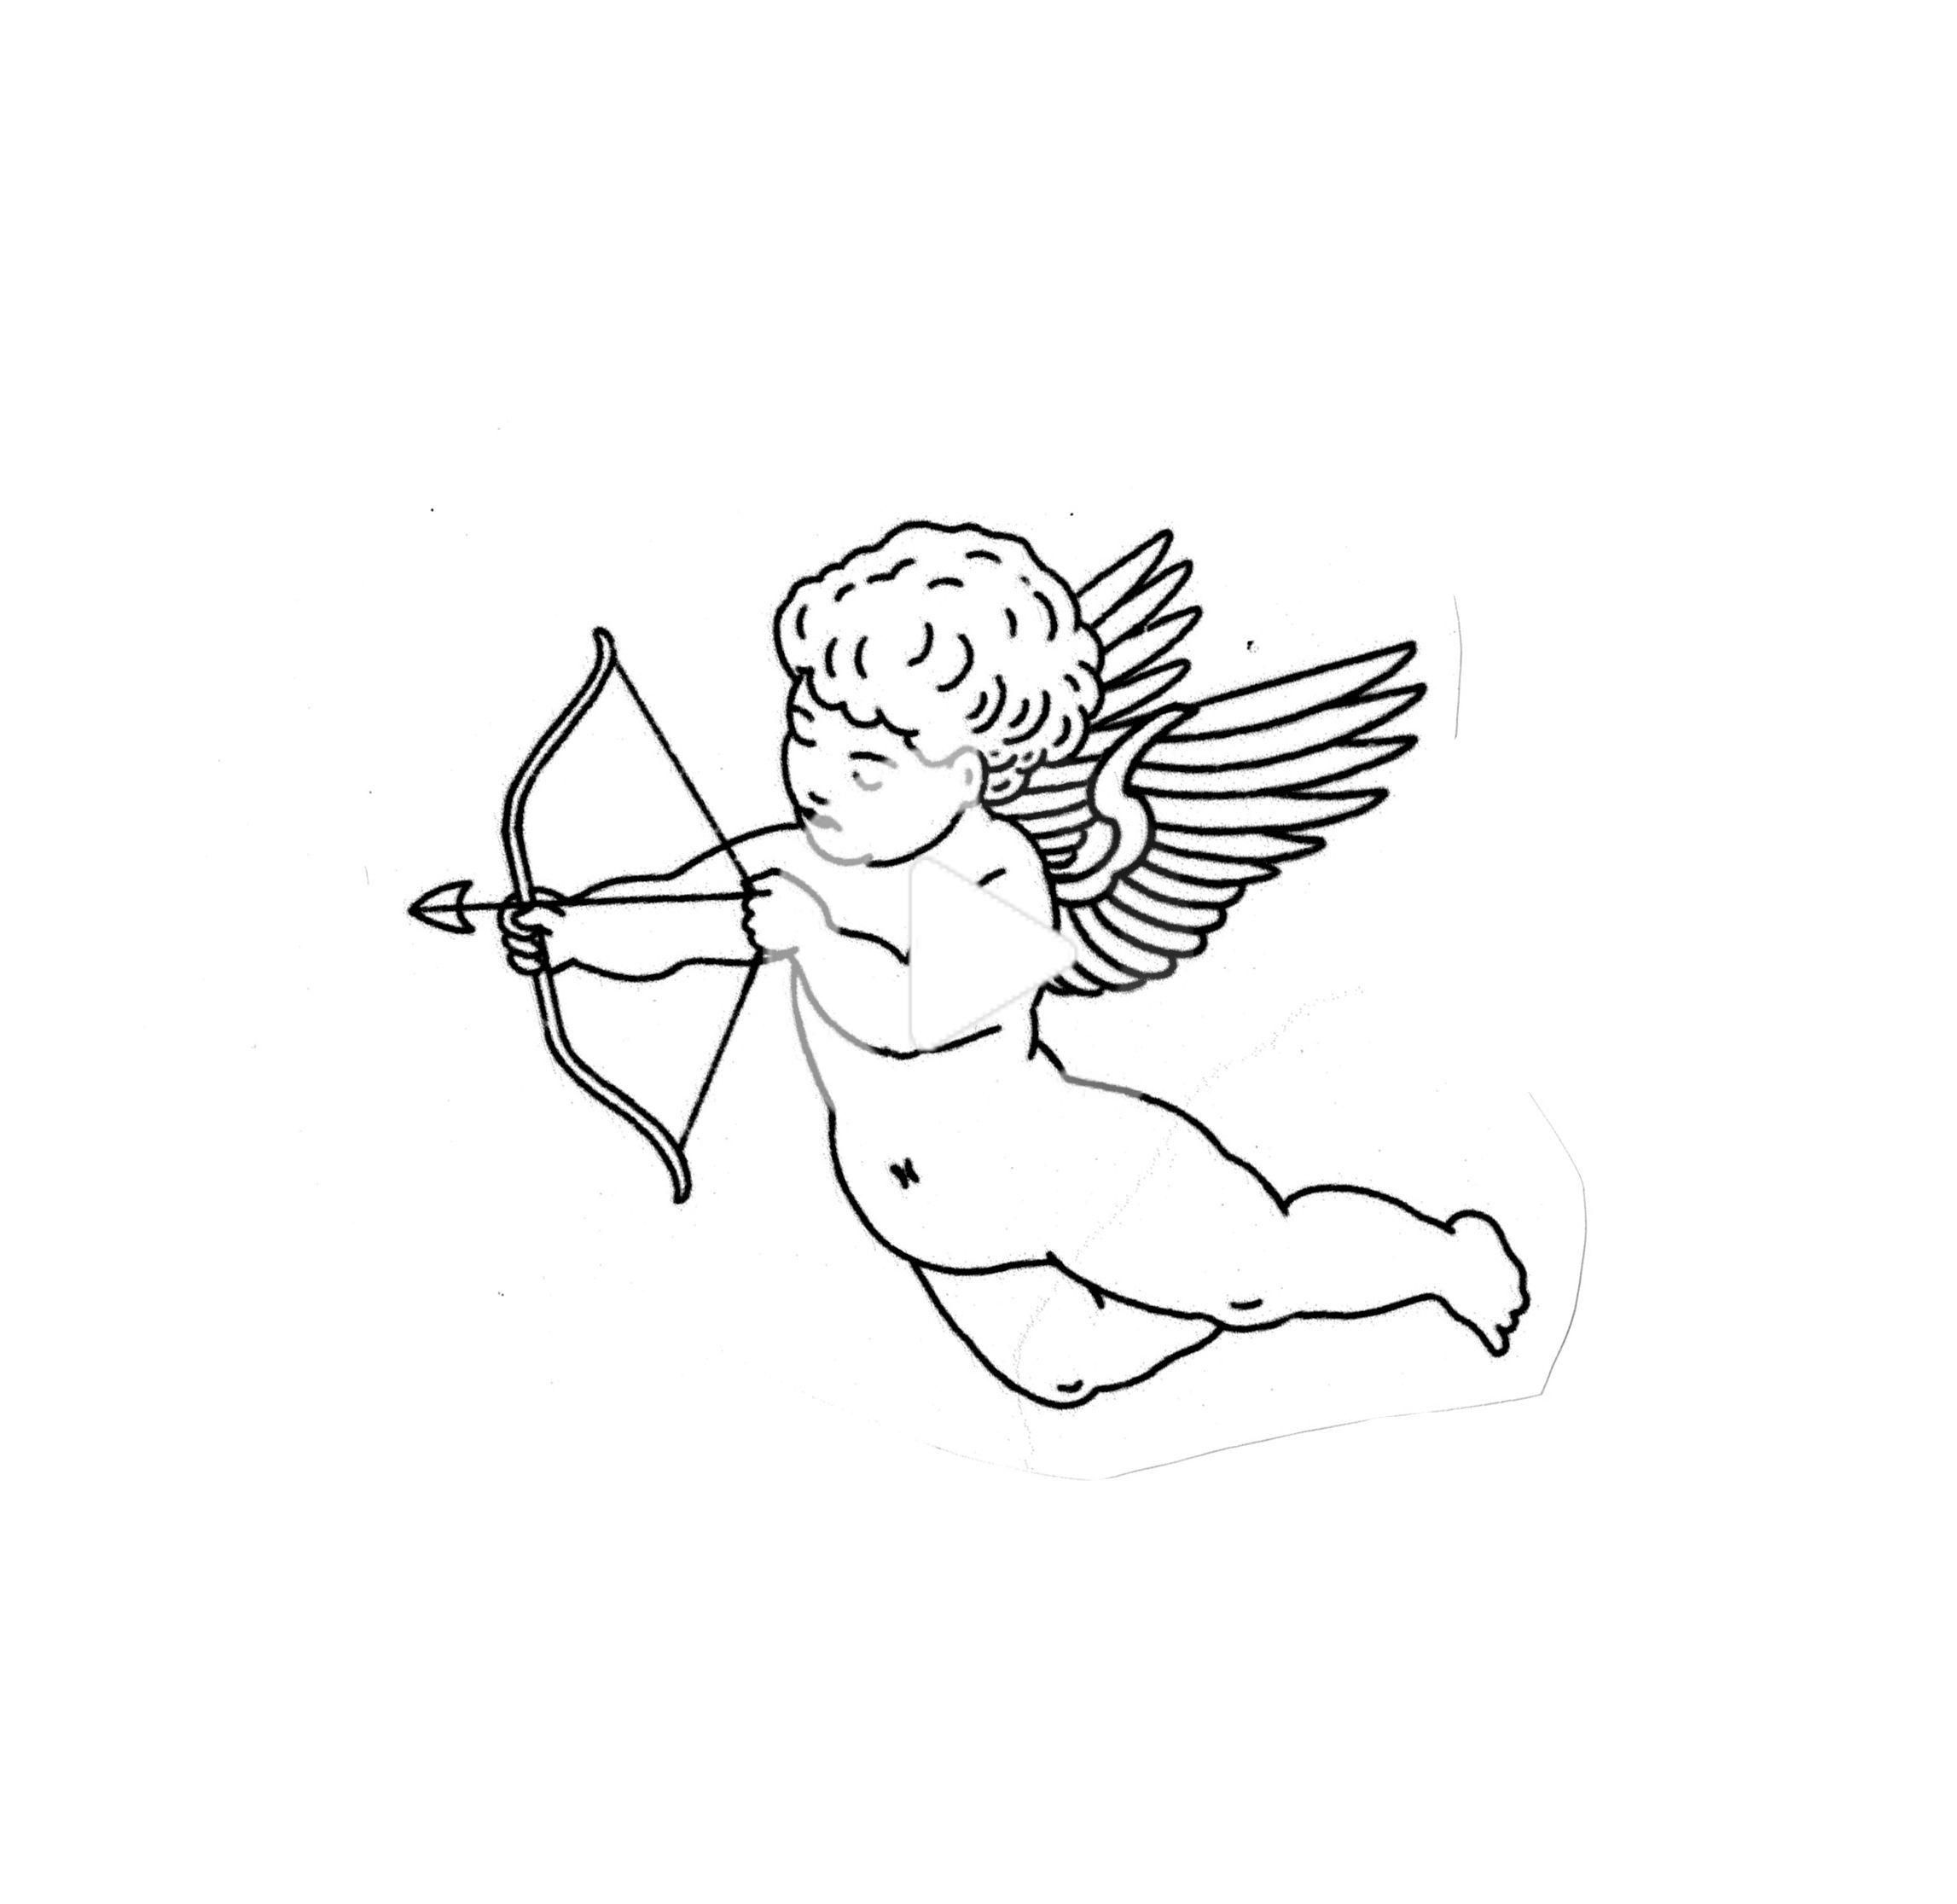 cupid tattoo flash sketch design - - #angeltatto # ...